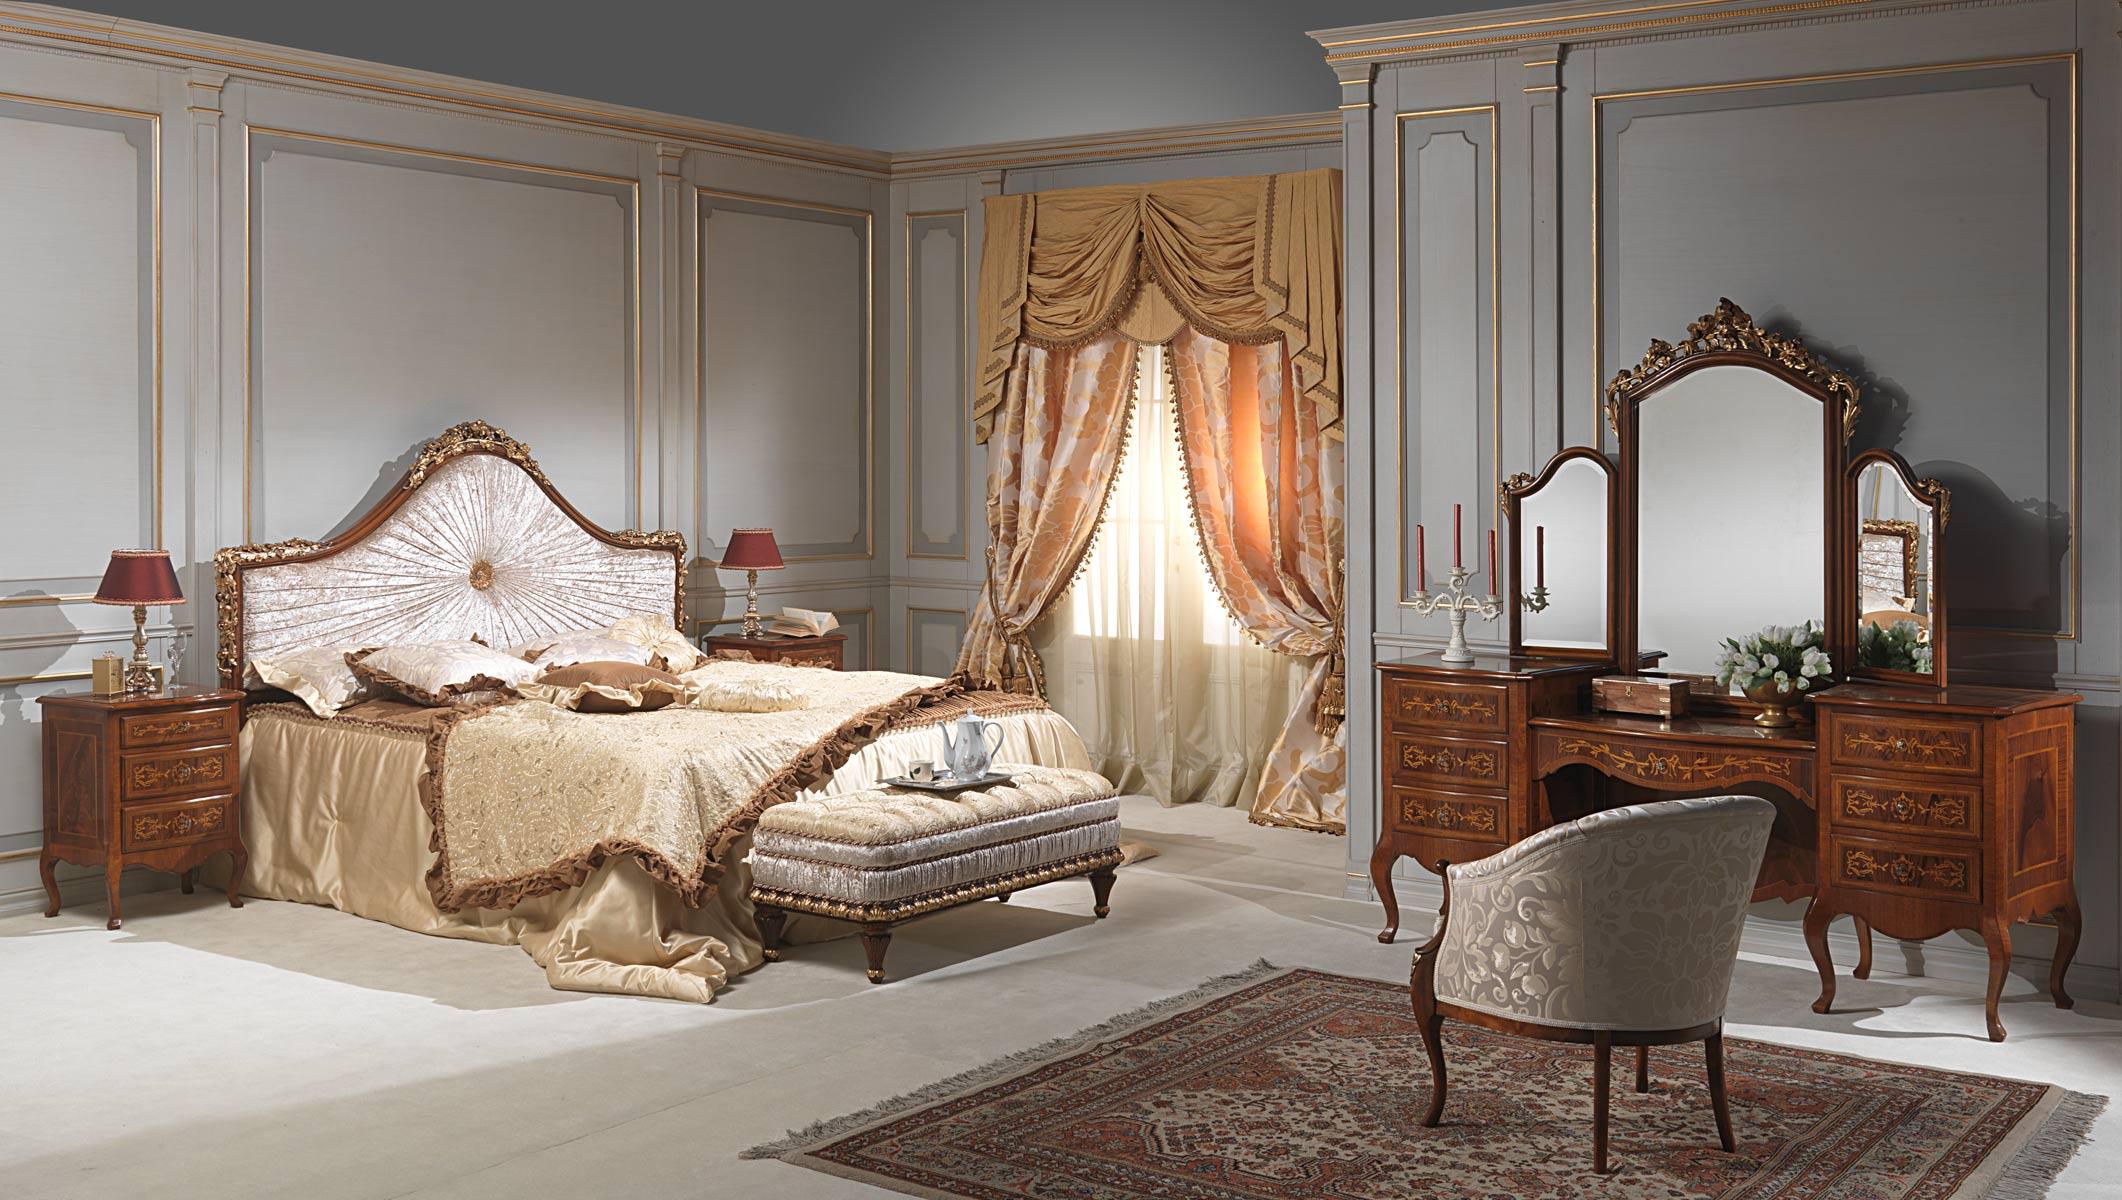 Camera da letto classica louvre vimercati meda - Poltroncine classiche per camera da letto ...